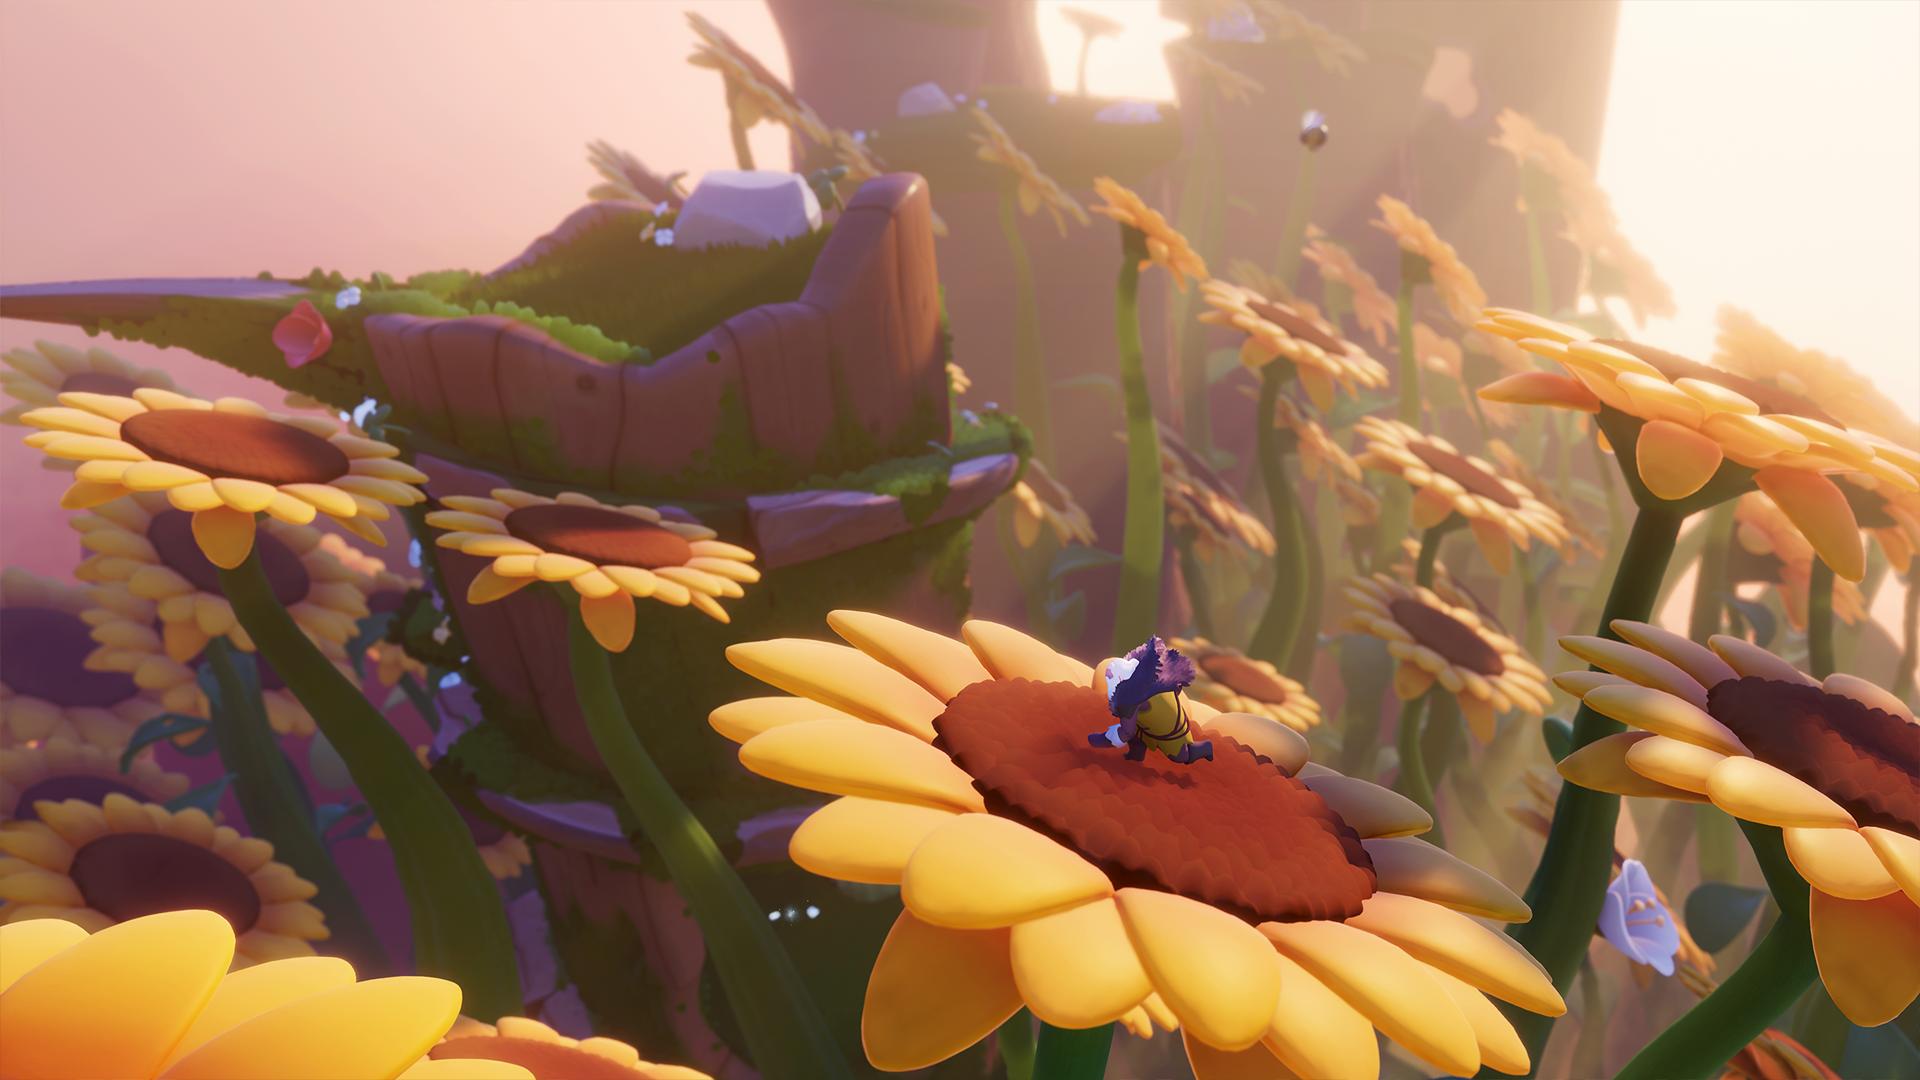 Top 5 Best Upcoming Indie Games of December 2019